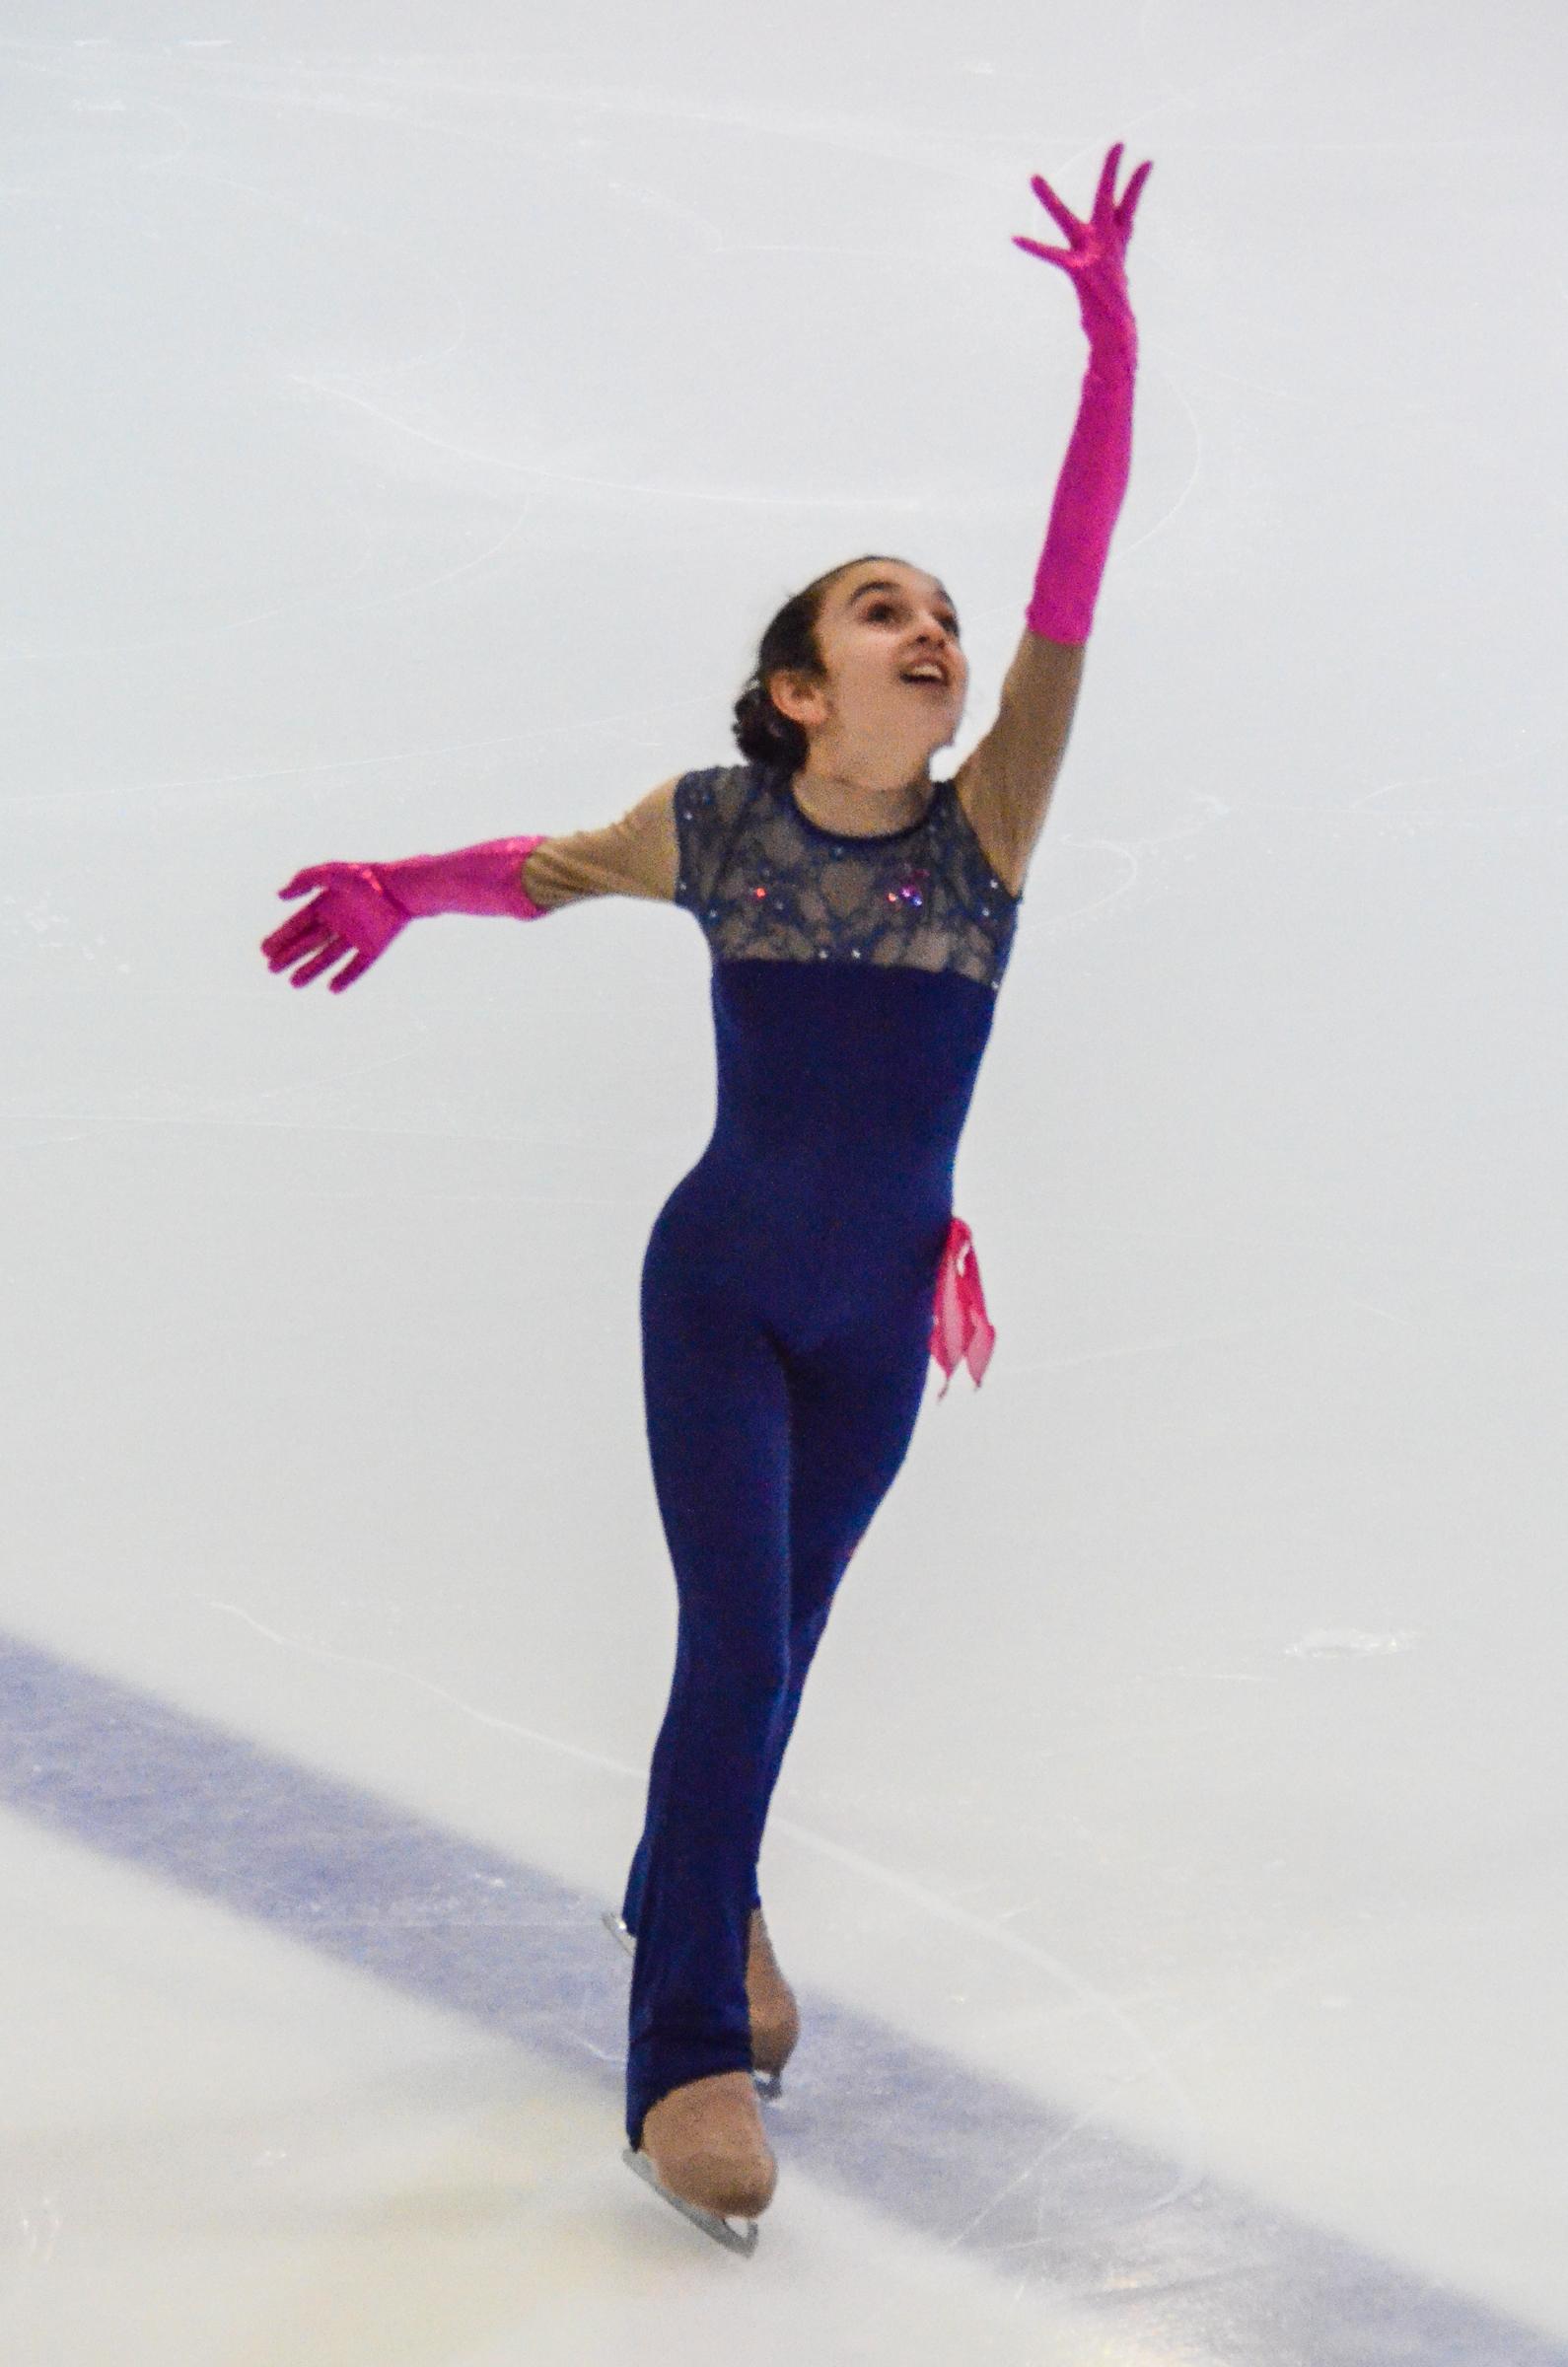 Miriam Ocello